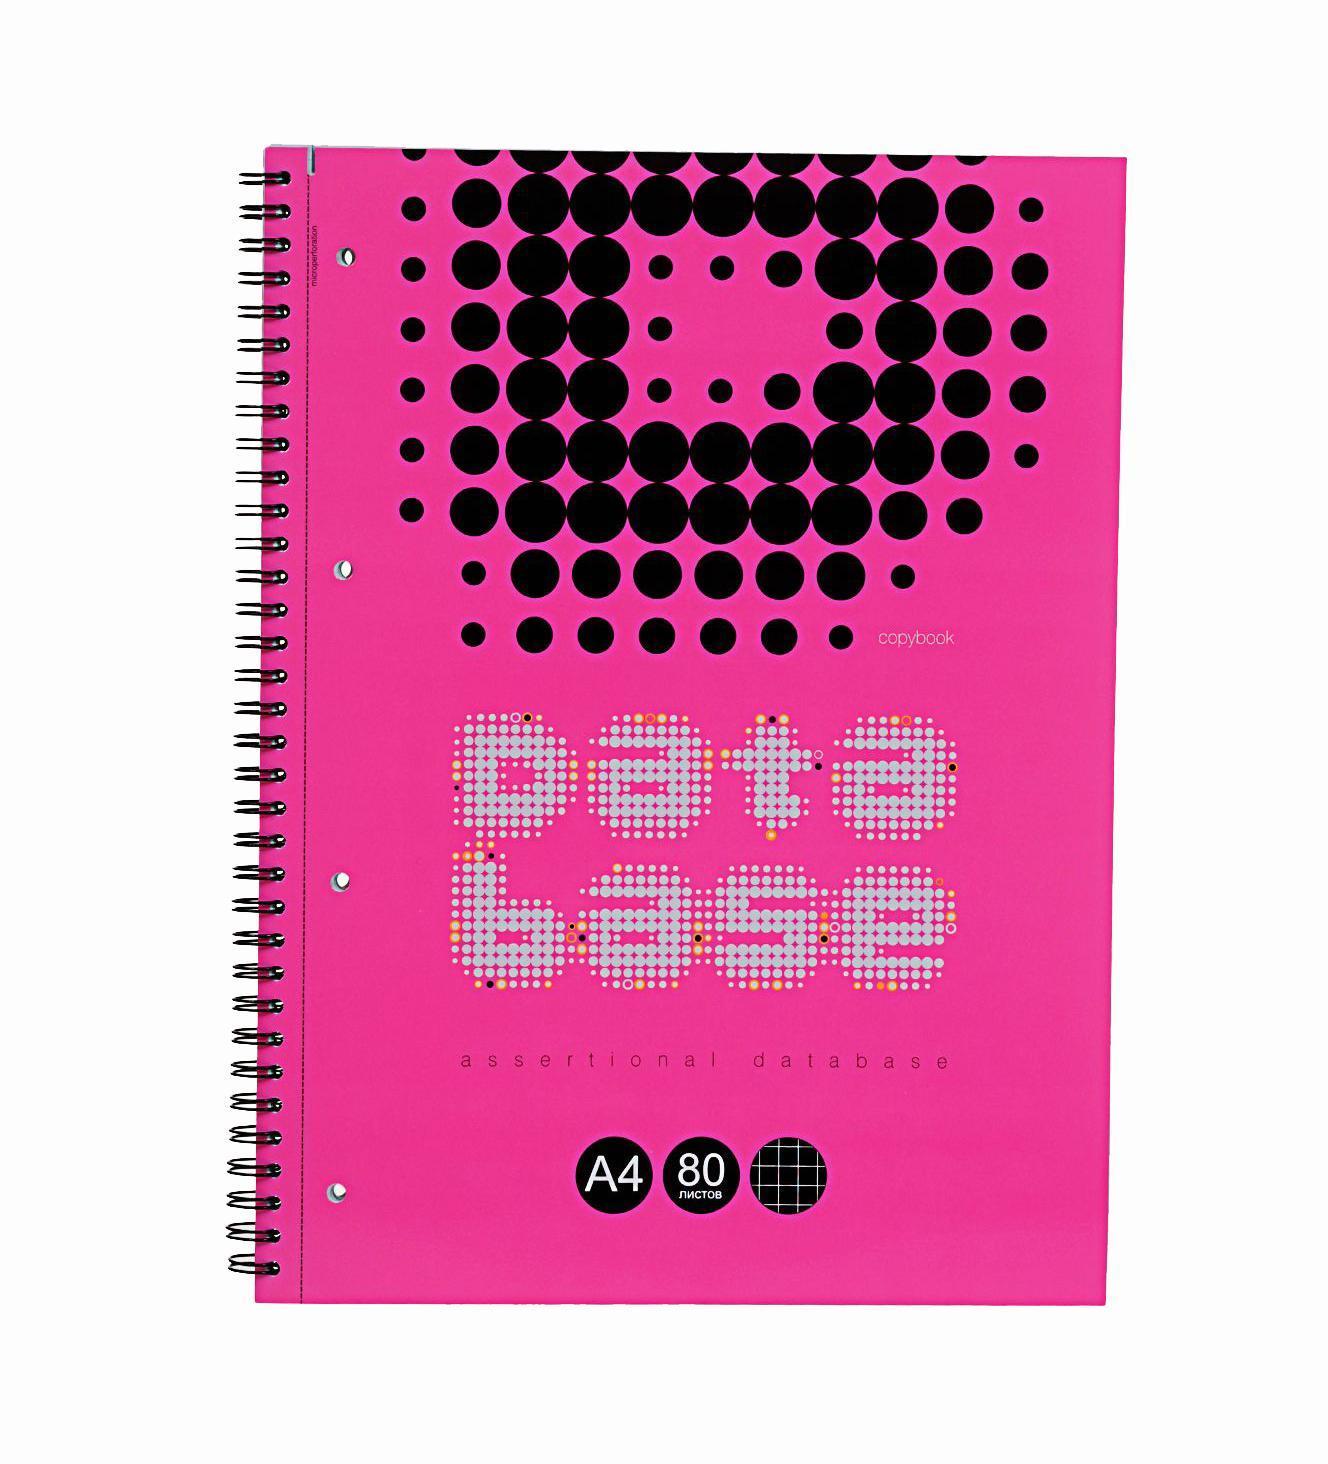 Тетрадь на спирали А4, 80л Database,3 пантона (2 неон),ламинат (глянцевый),розовая (круги черные)37638розовая (круги черные)тетрадь на спирали А4,80л Database, 3 пантона (2 неон), ламинат (глянцевый), розовая (круги черные)